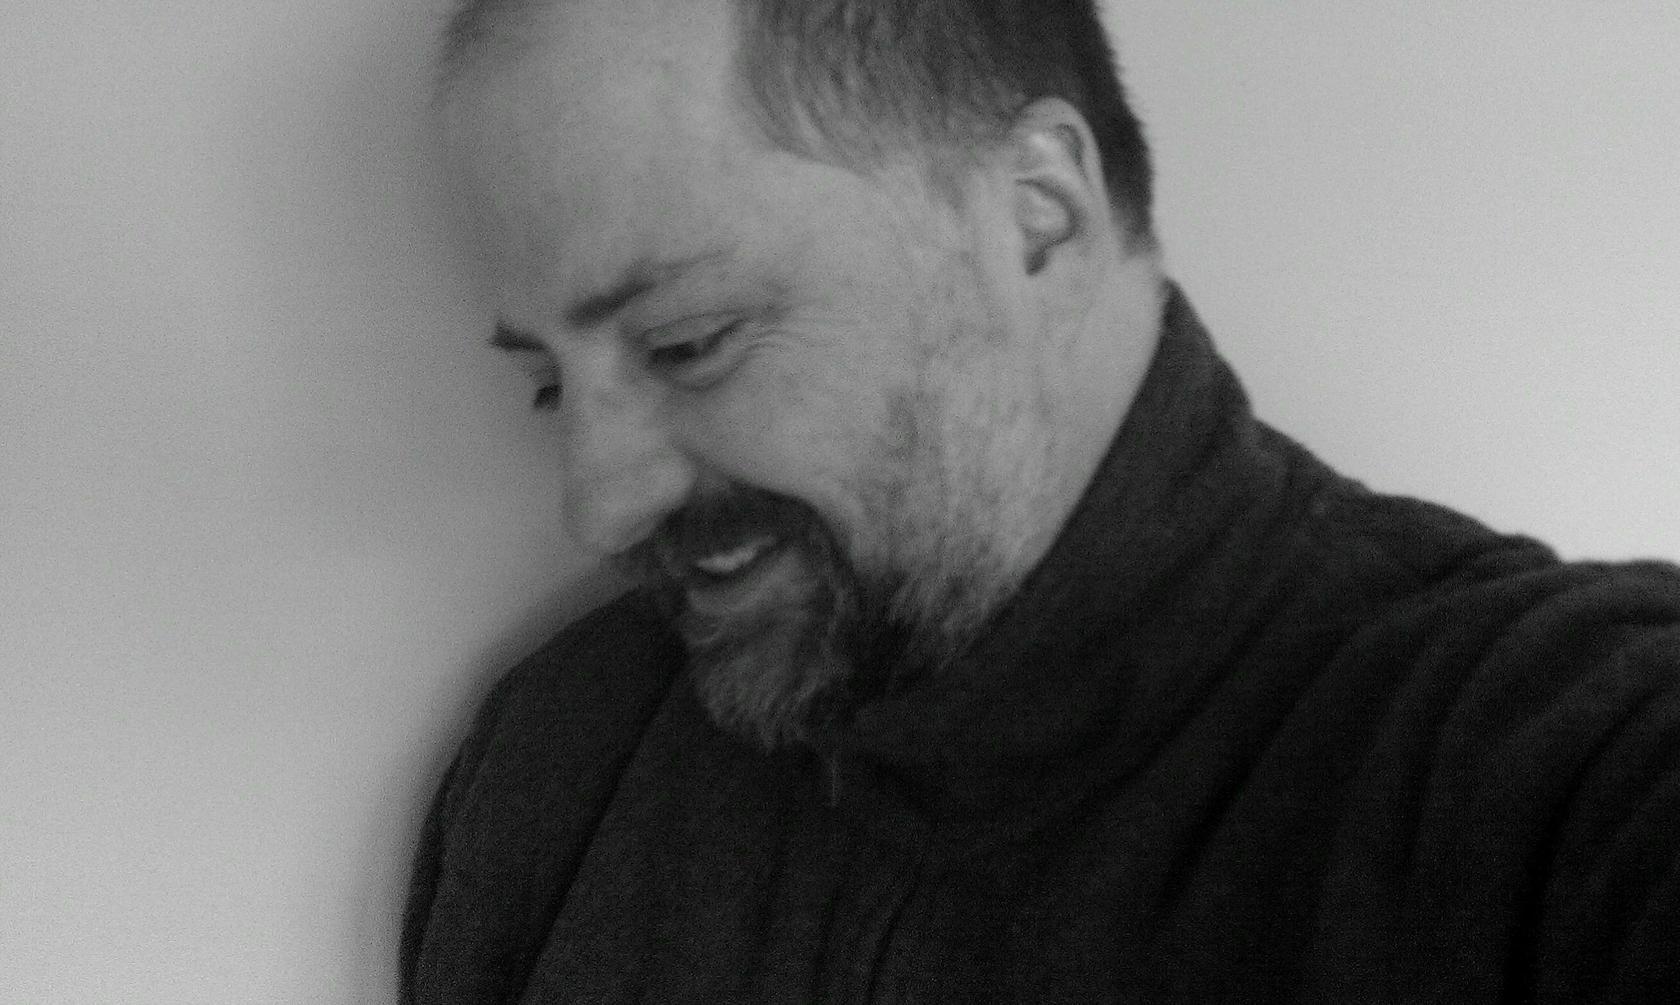 Andrew Spong